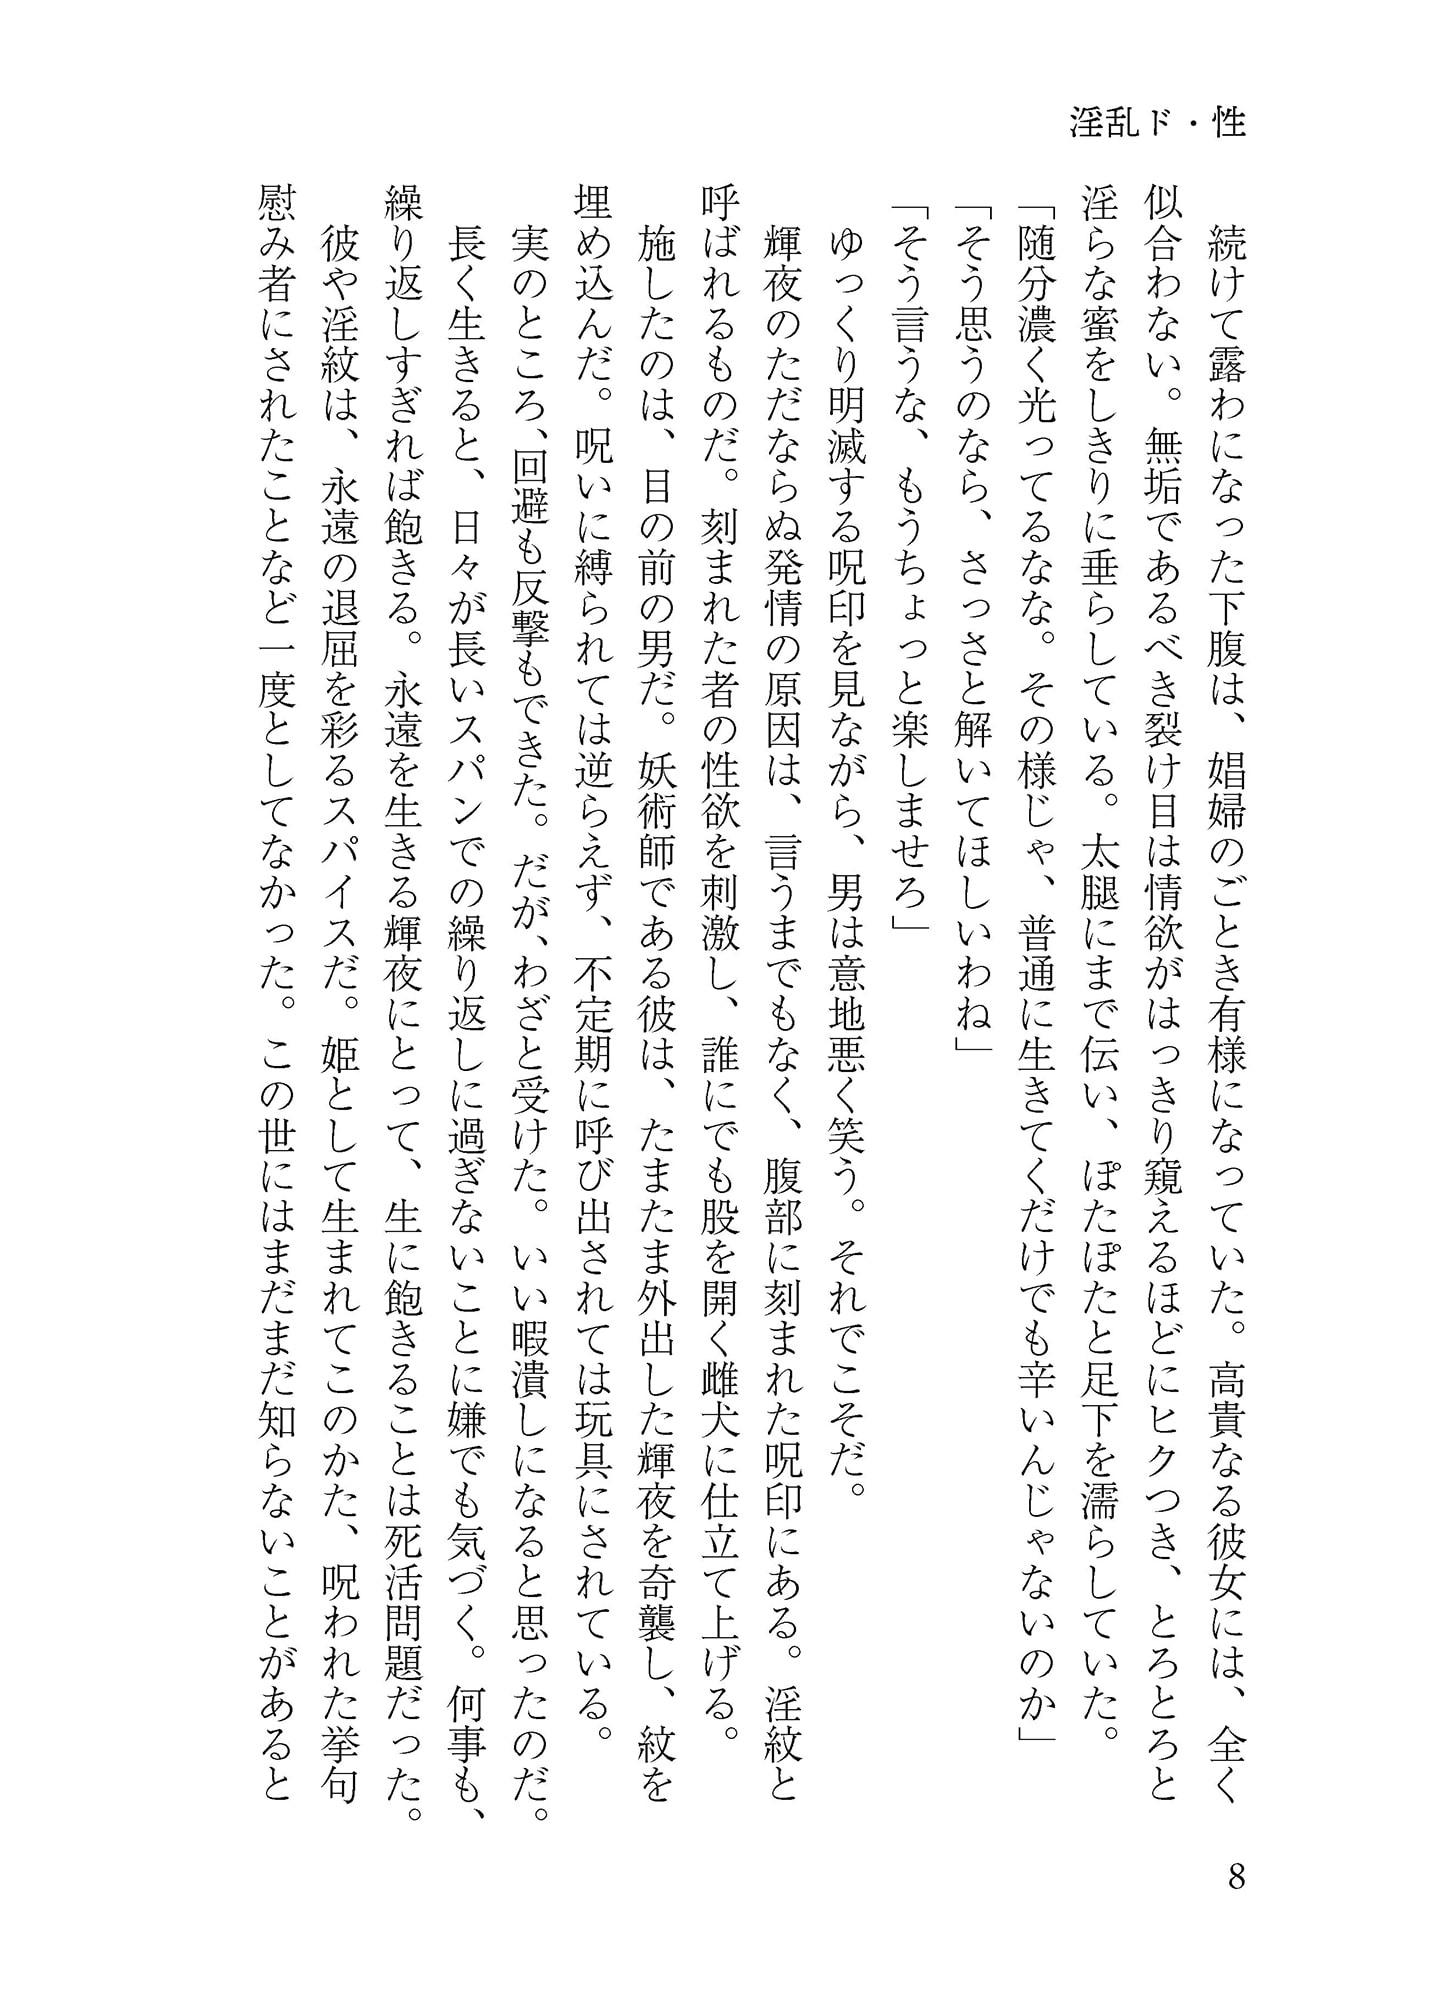 オールユーニードイズ恥部 (わめしば) DLsite提供:同人作品 – ノベル